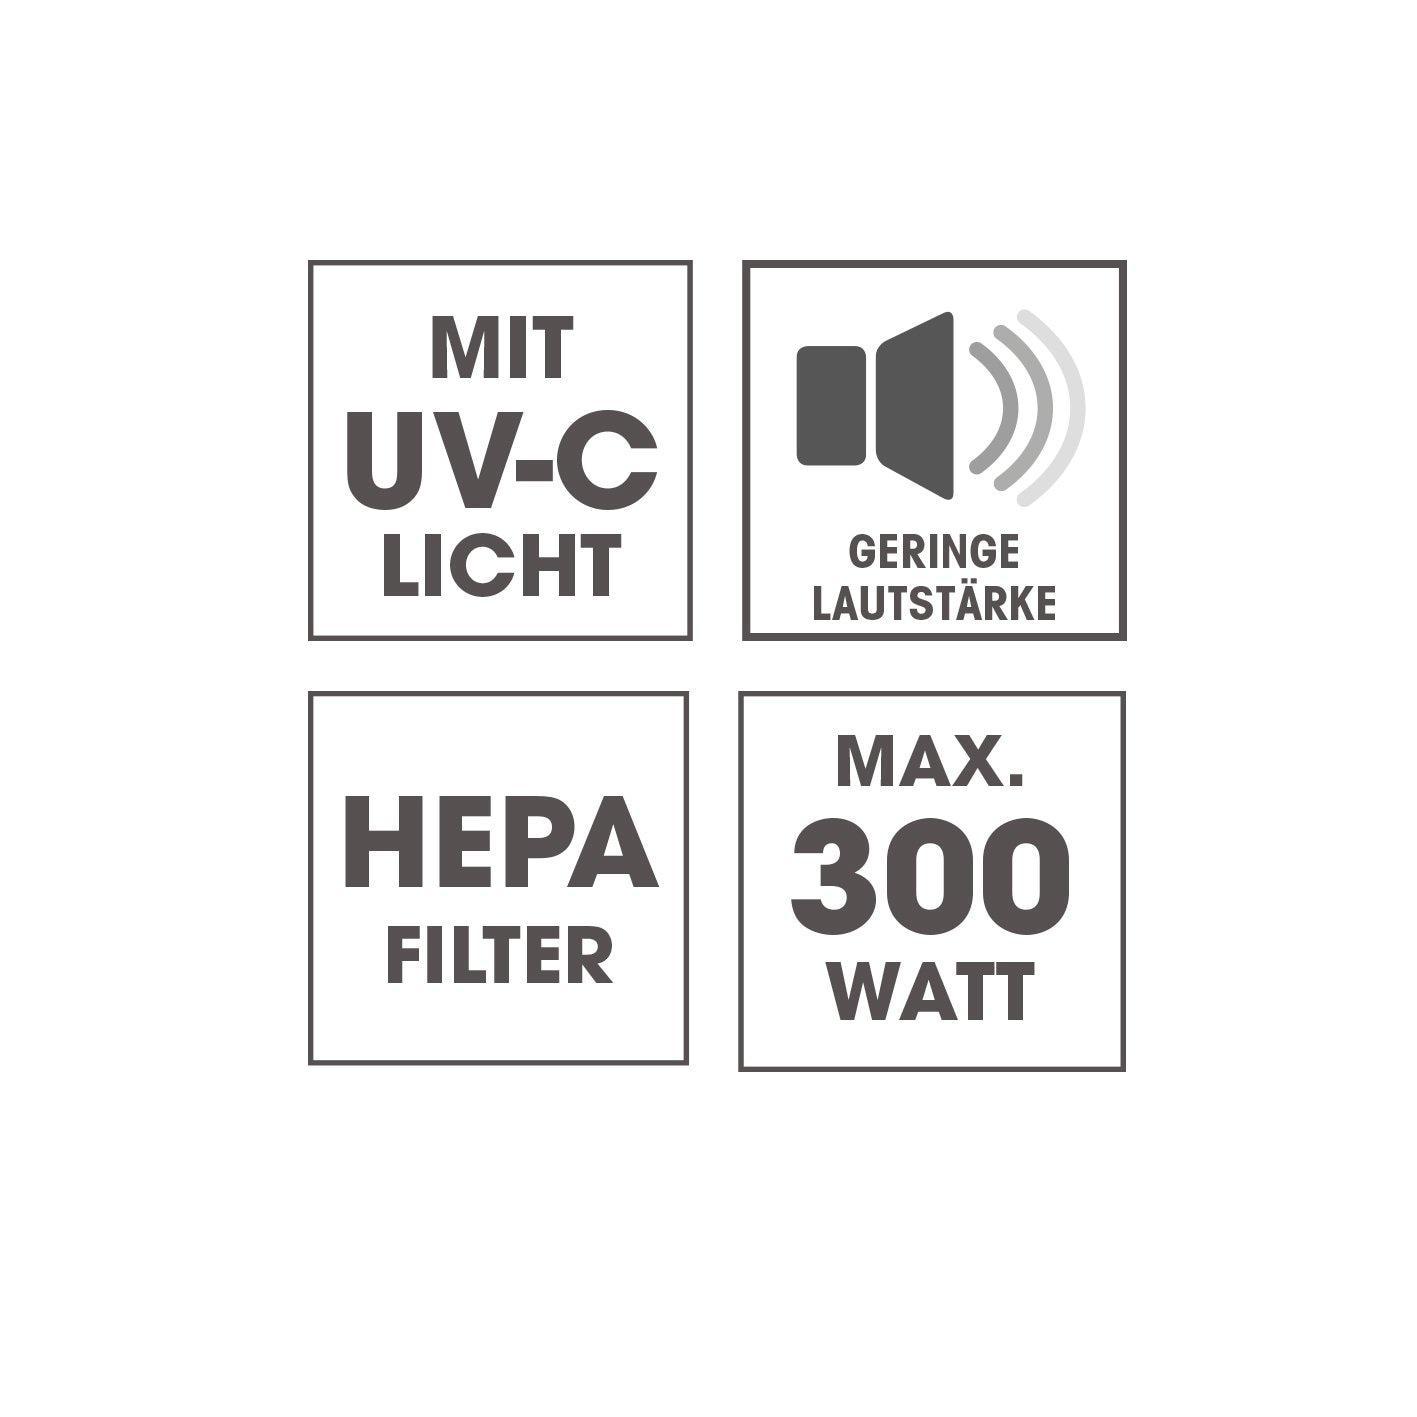 CLEANmaxx Milben-Handstaubsauger mit UV-C-Licht 300W in Weiß/lLmegreen